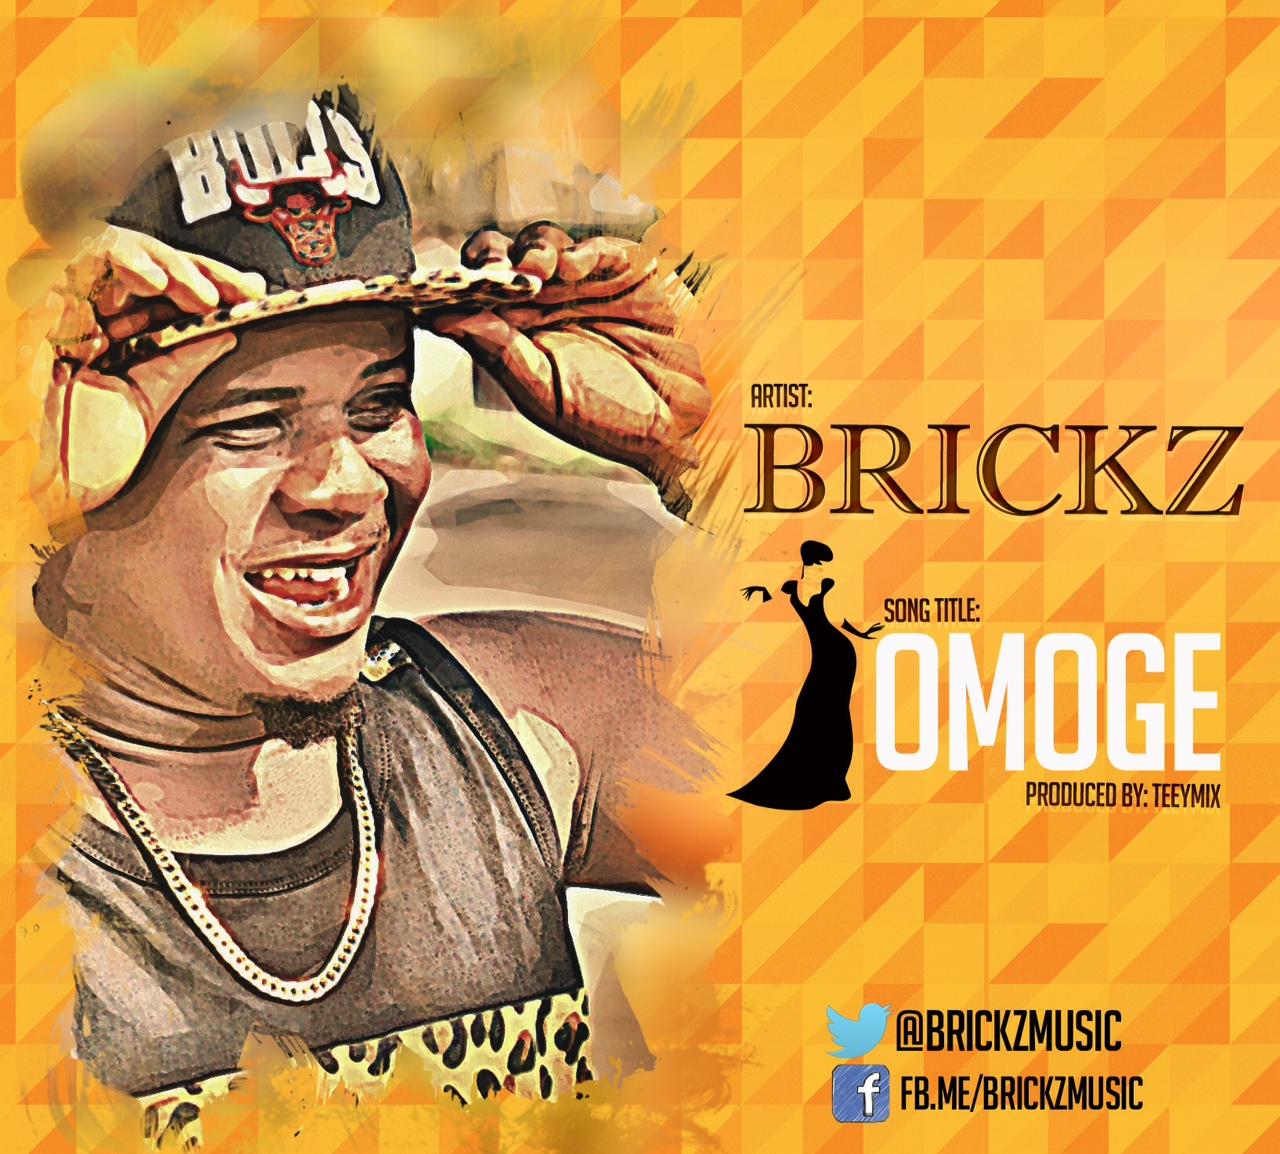 Brickz sdakwa download